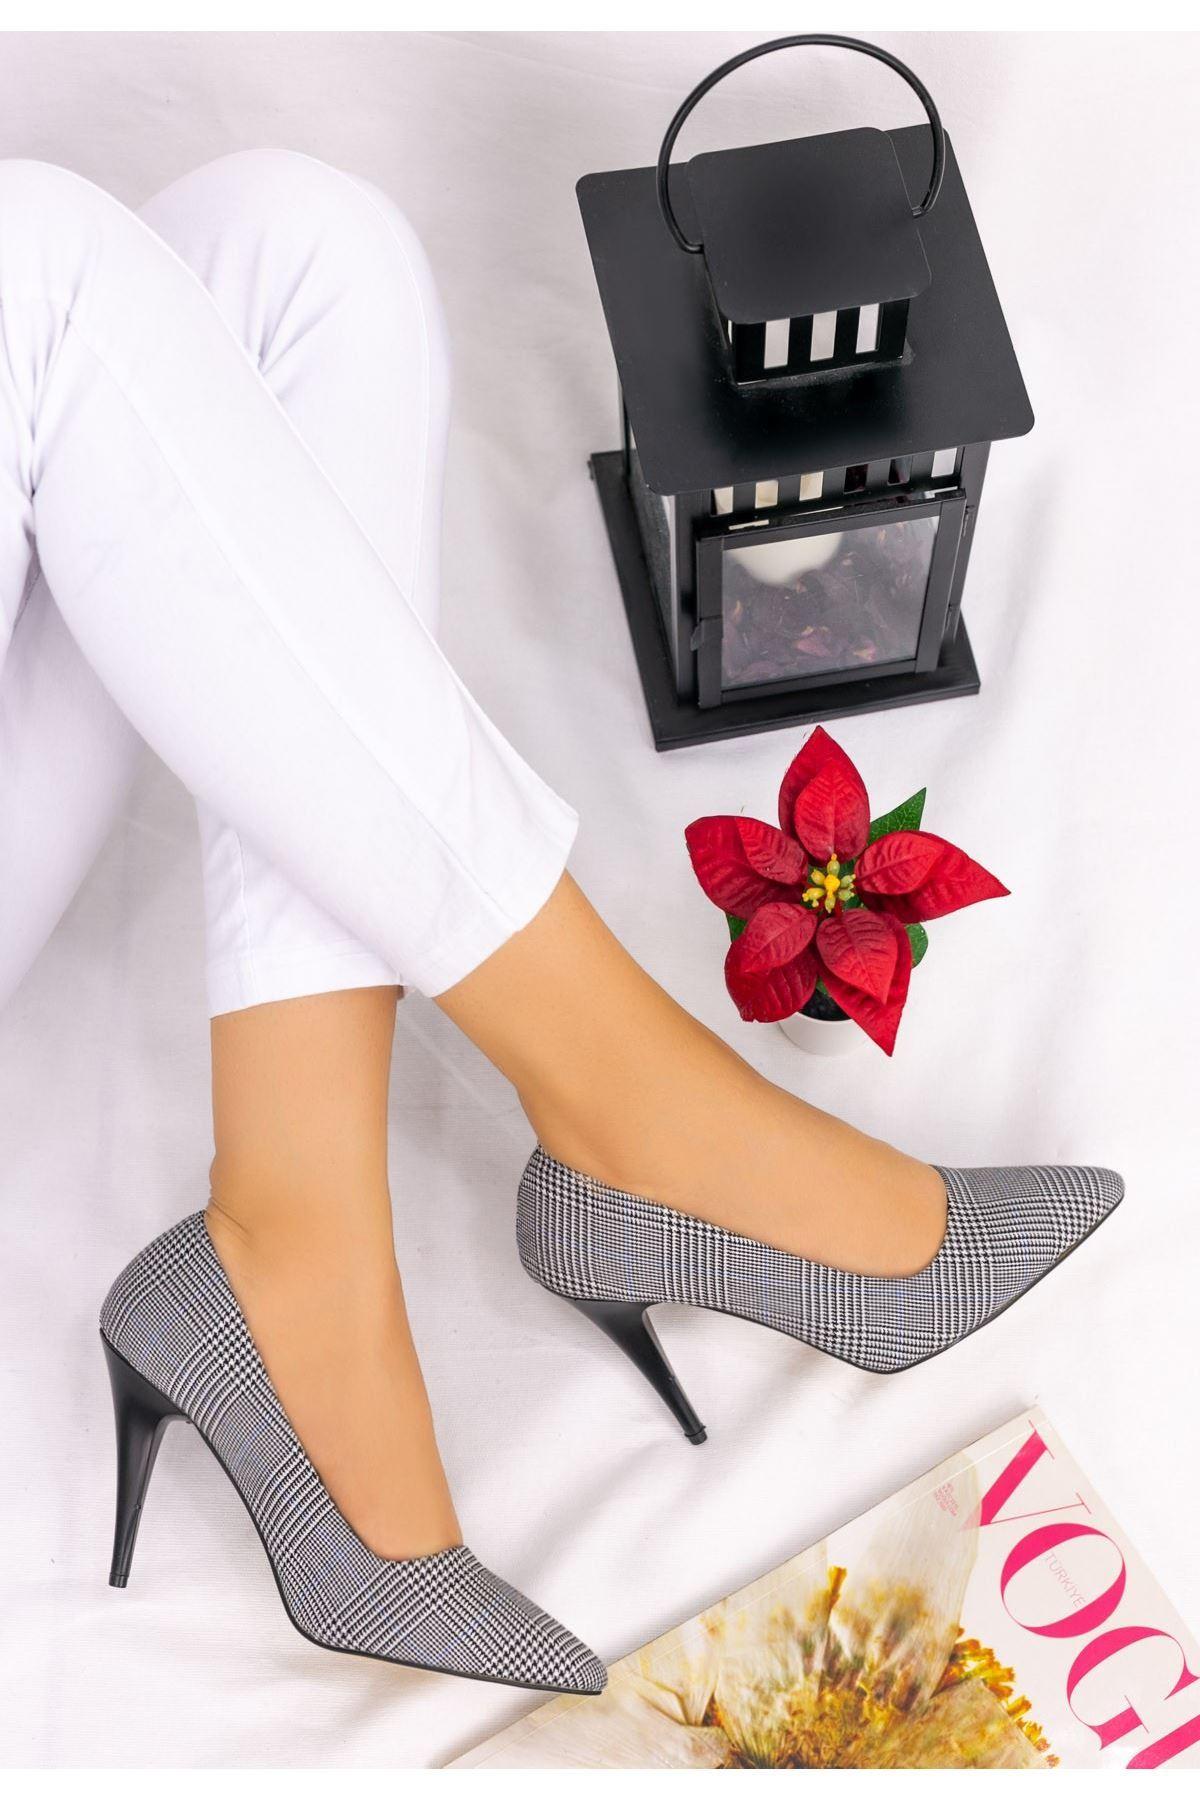 Revaxi Beyaz Ekose Stiletto Ayakkabı